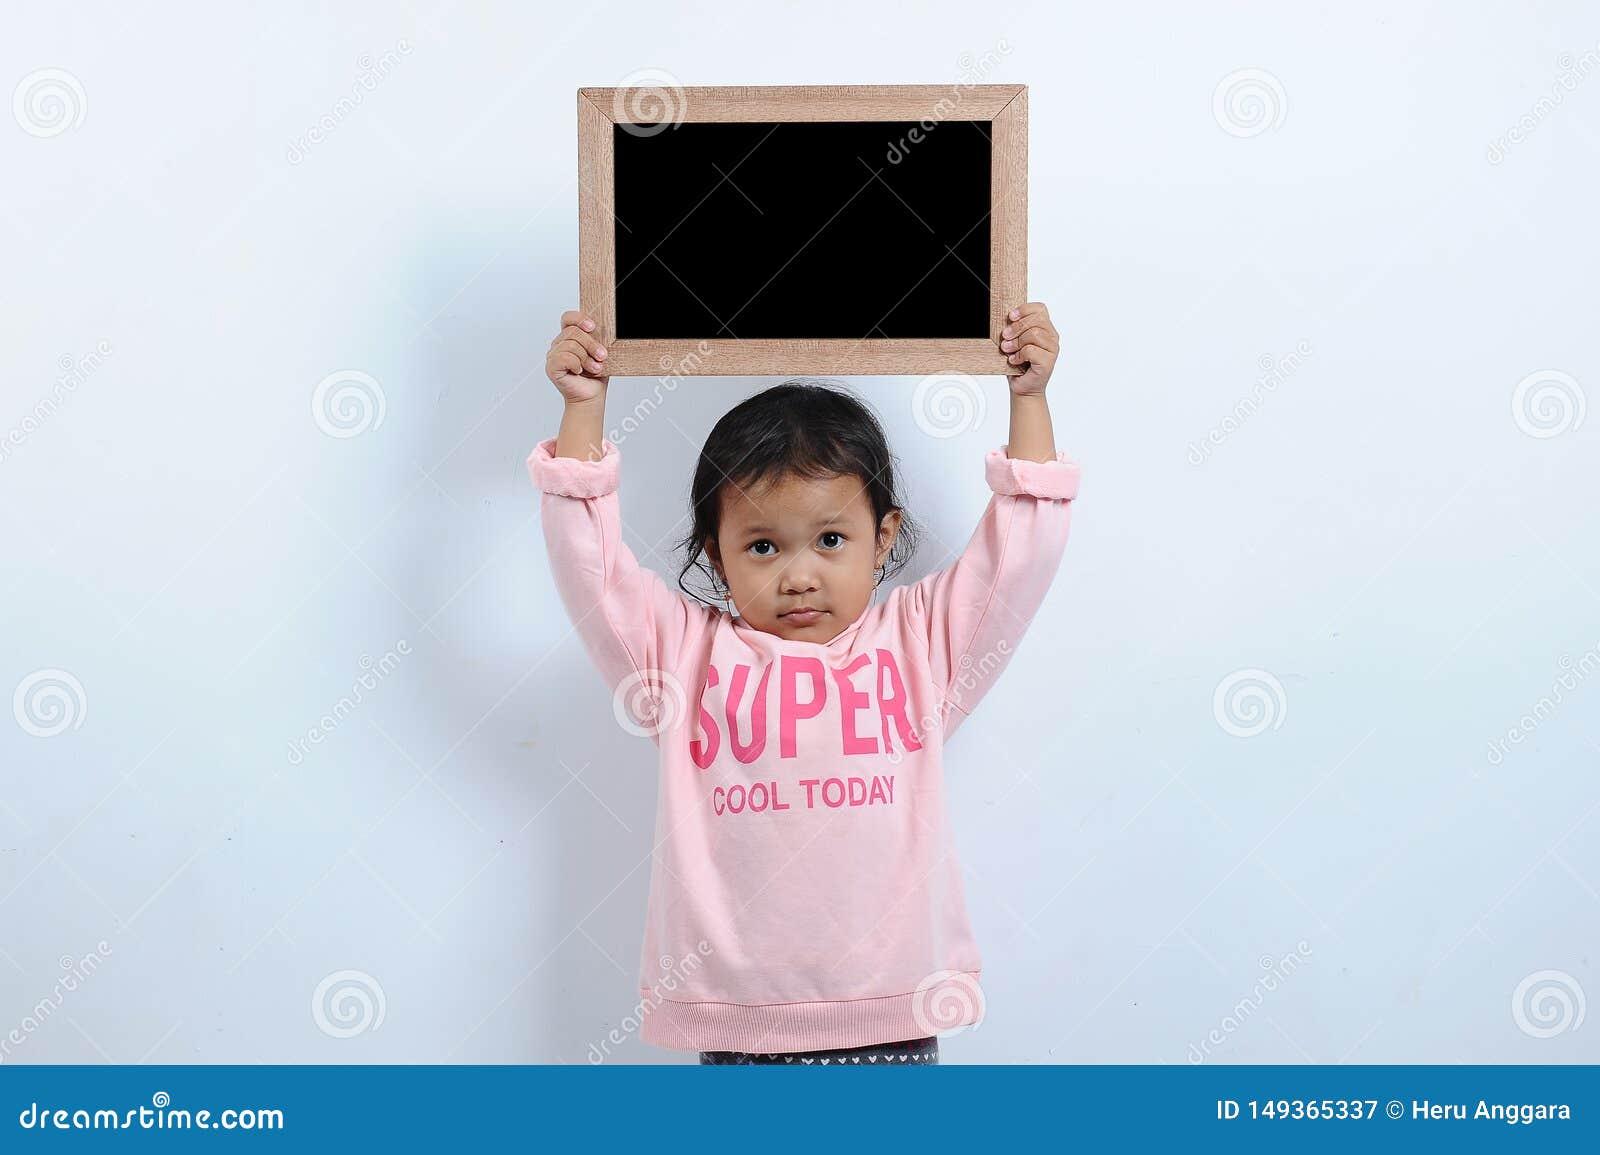 Ασιατικός πίνακας κιμωλίας ή πίνακας εκμετάλλευσης κοριτσιών περικοπών κενός Μπορείτε κείμενο αυτό πίσω στο σχολείο